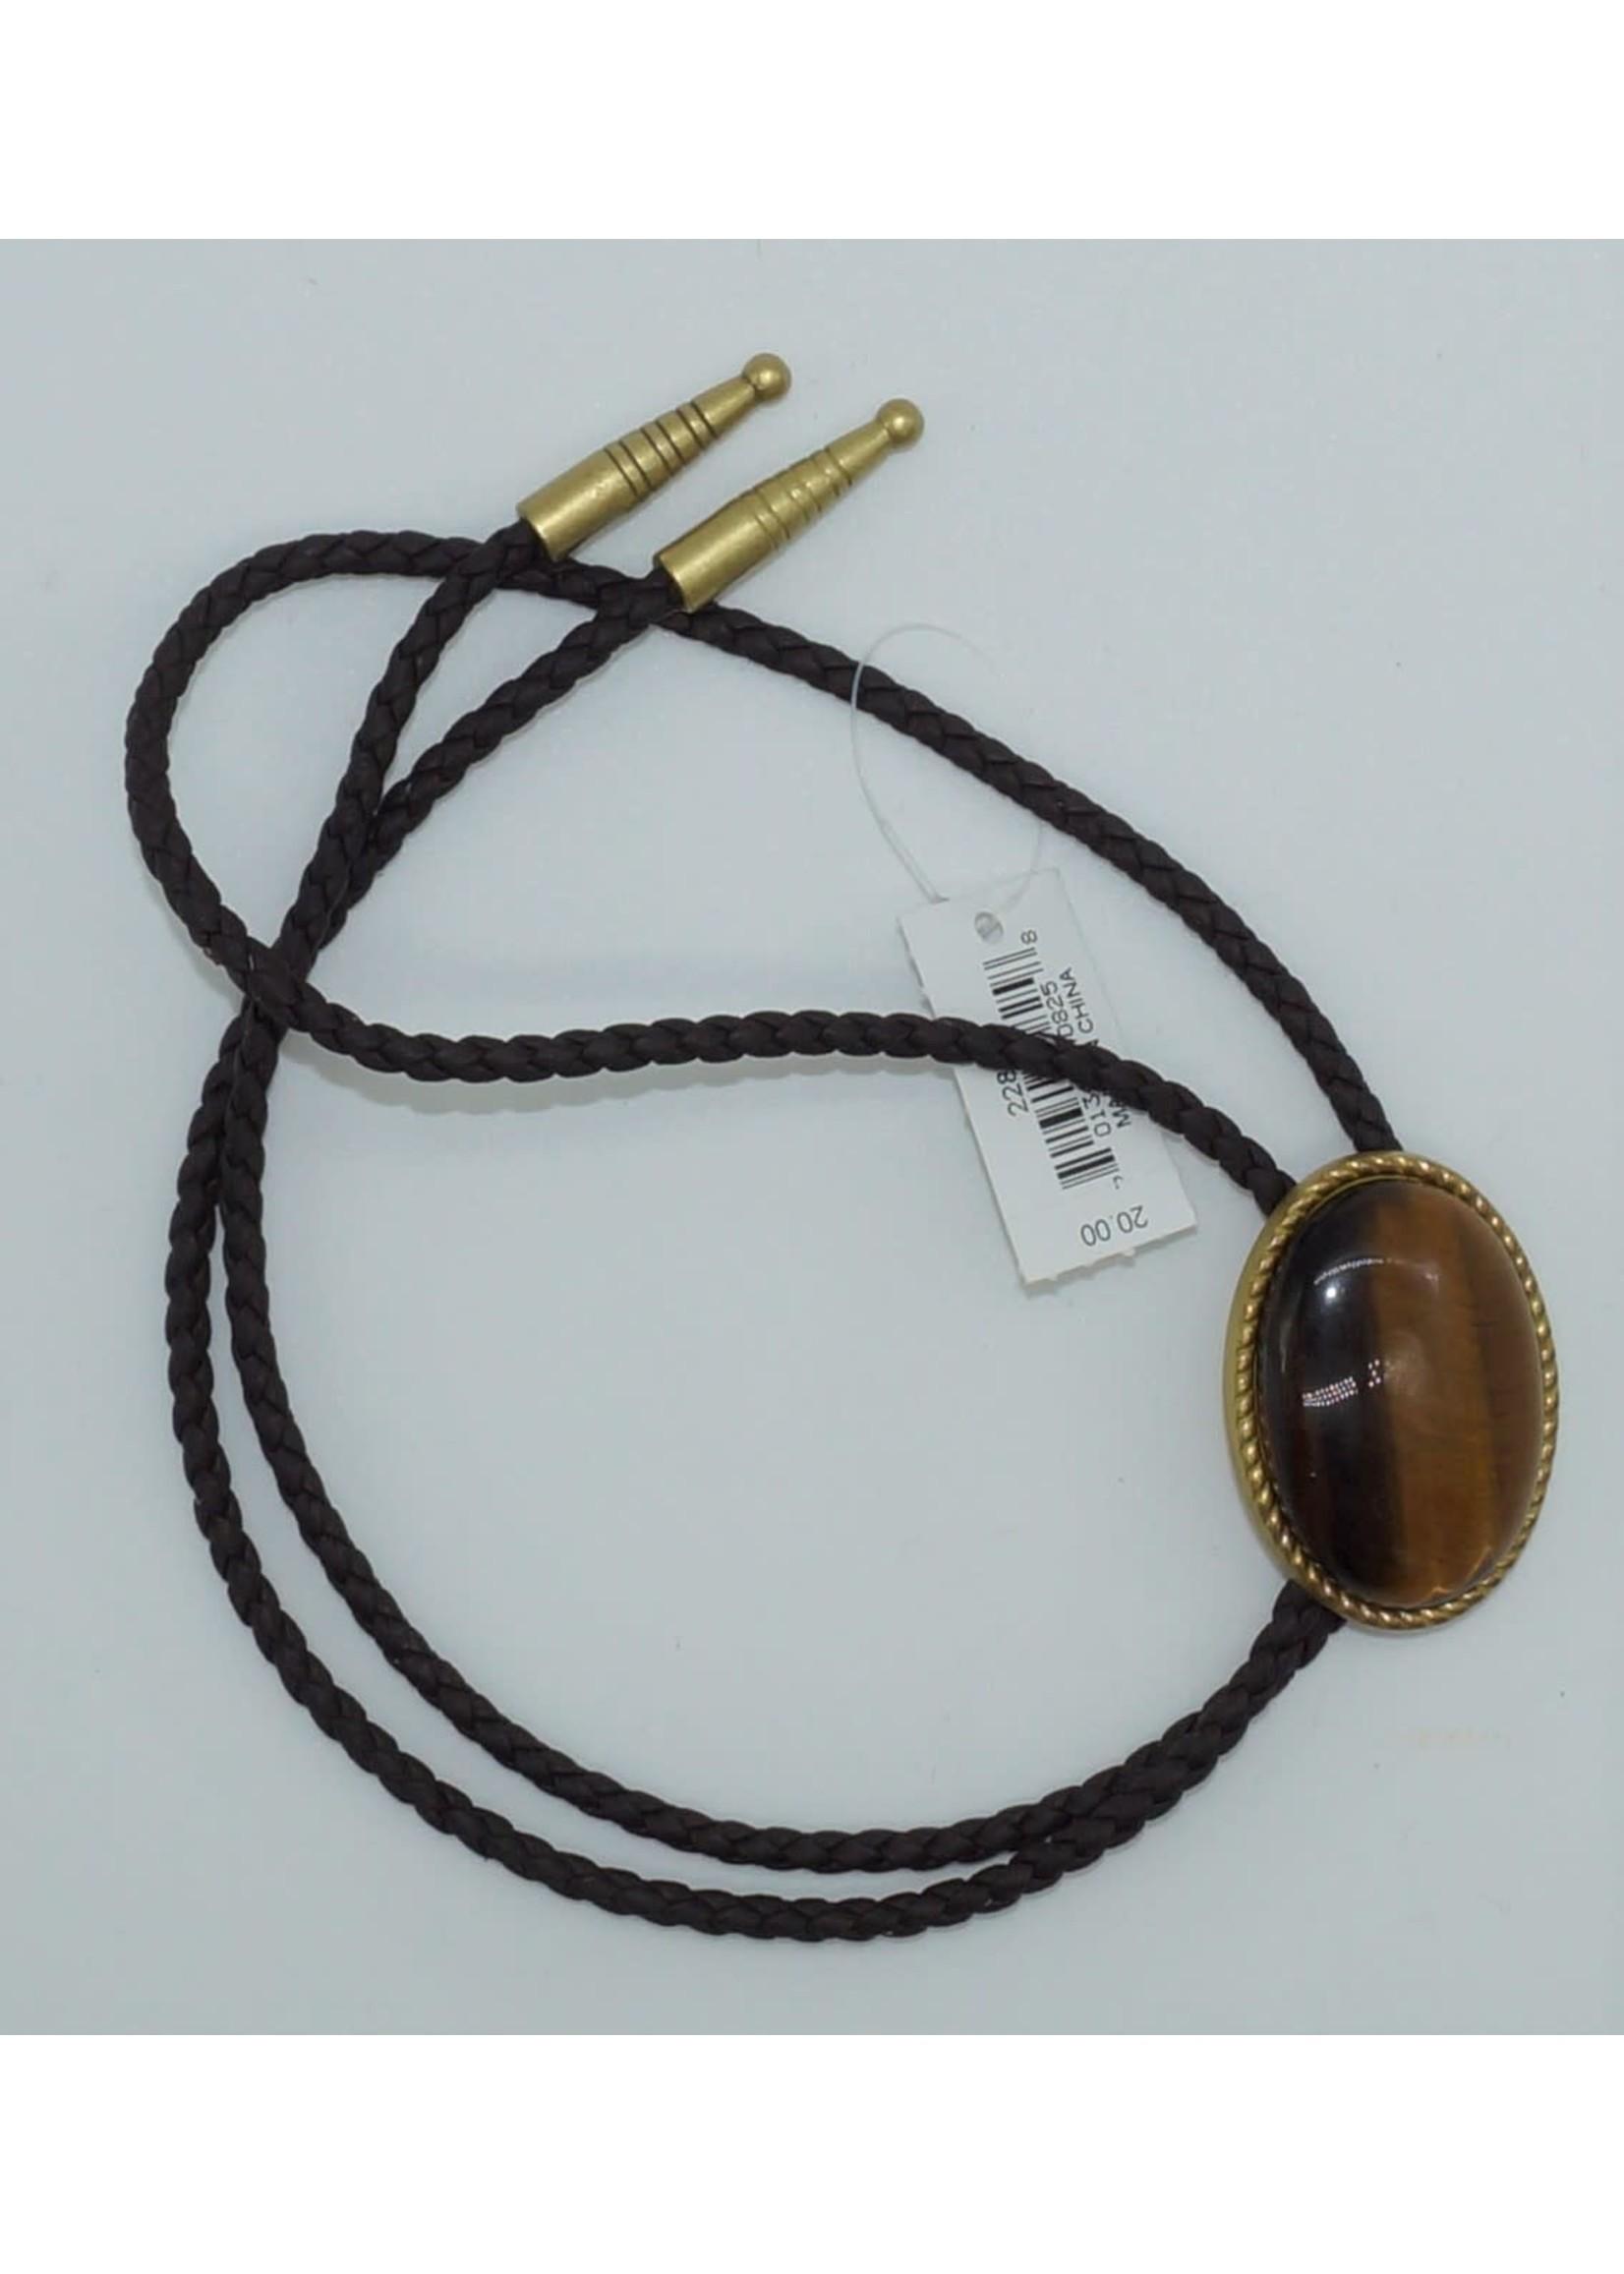 M&F 22840 - Bolo-Ties/Rope Edge Tiger Eye